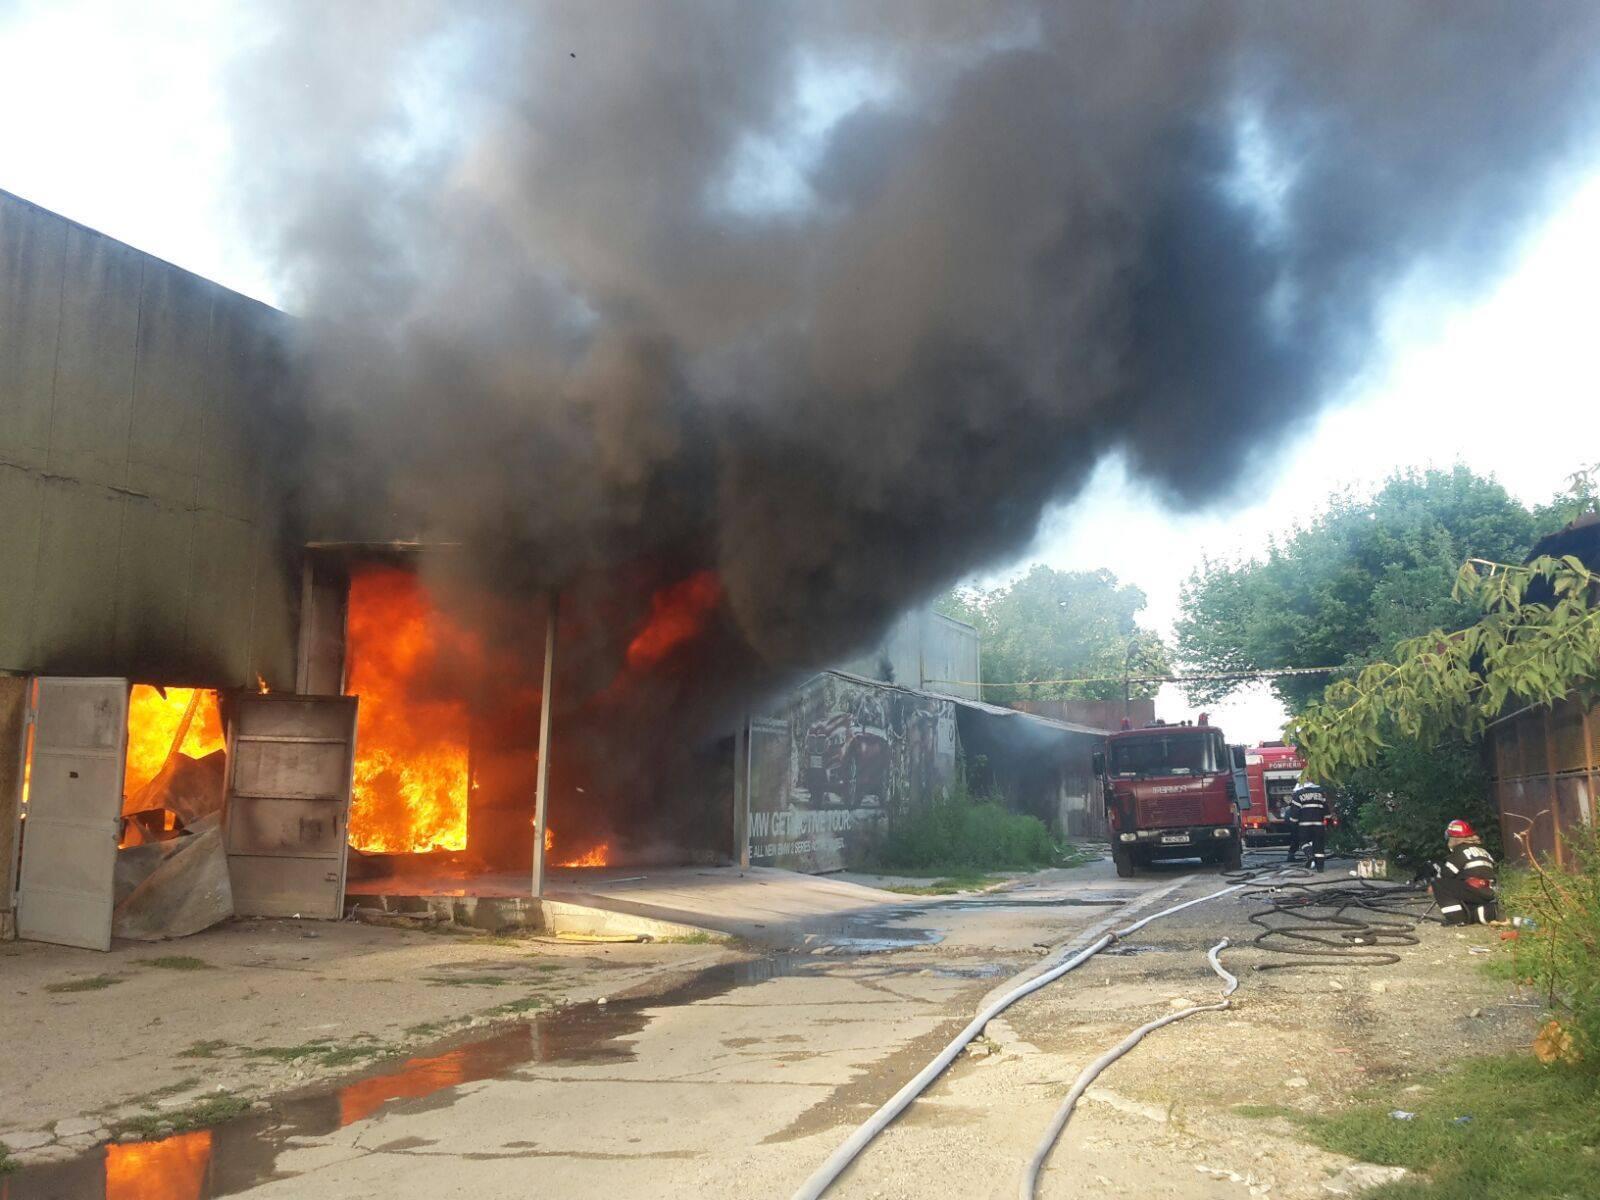 Vâlcea: Patru persoane, între care doi minori, intoxicate cu monoxid de carbon, după un incendiu